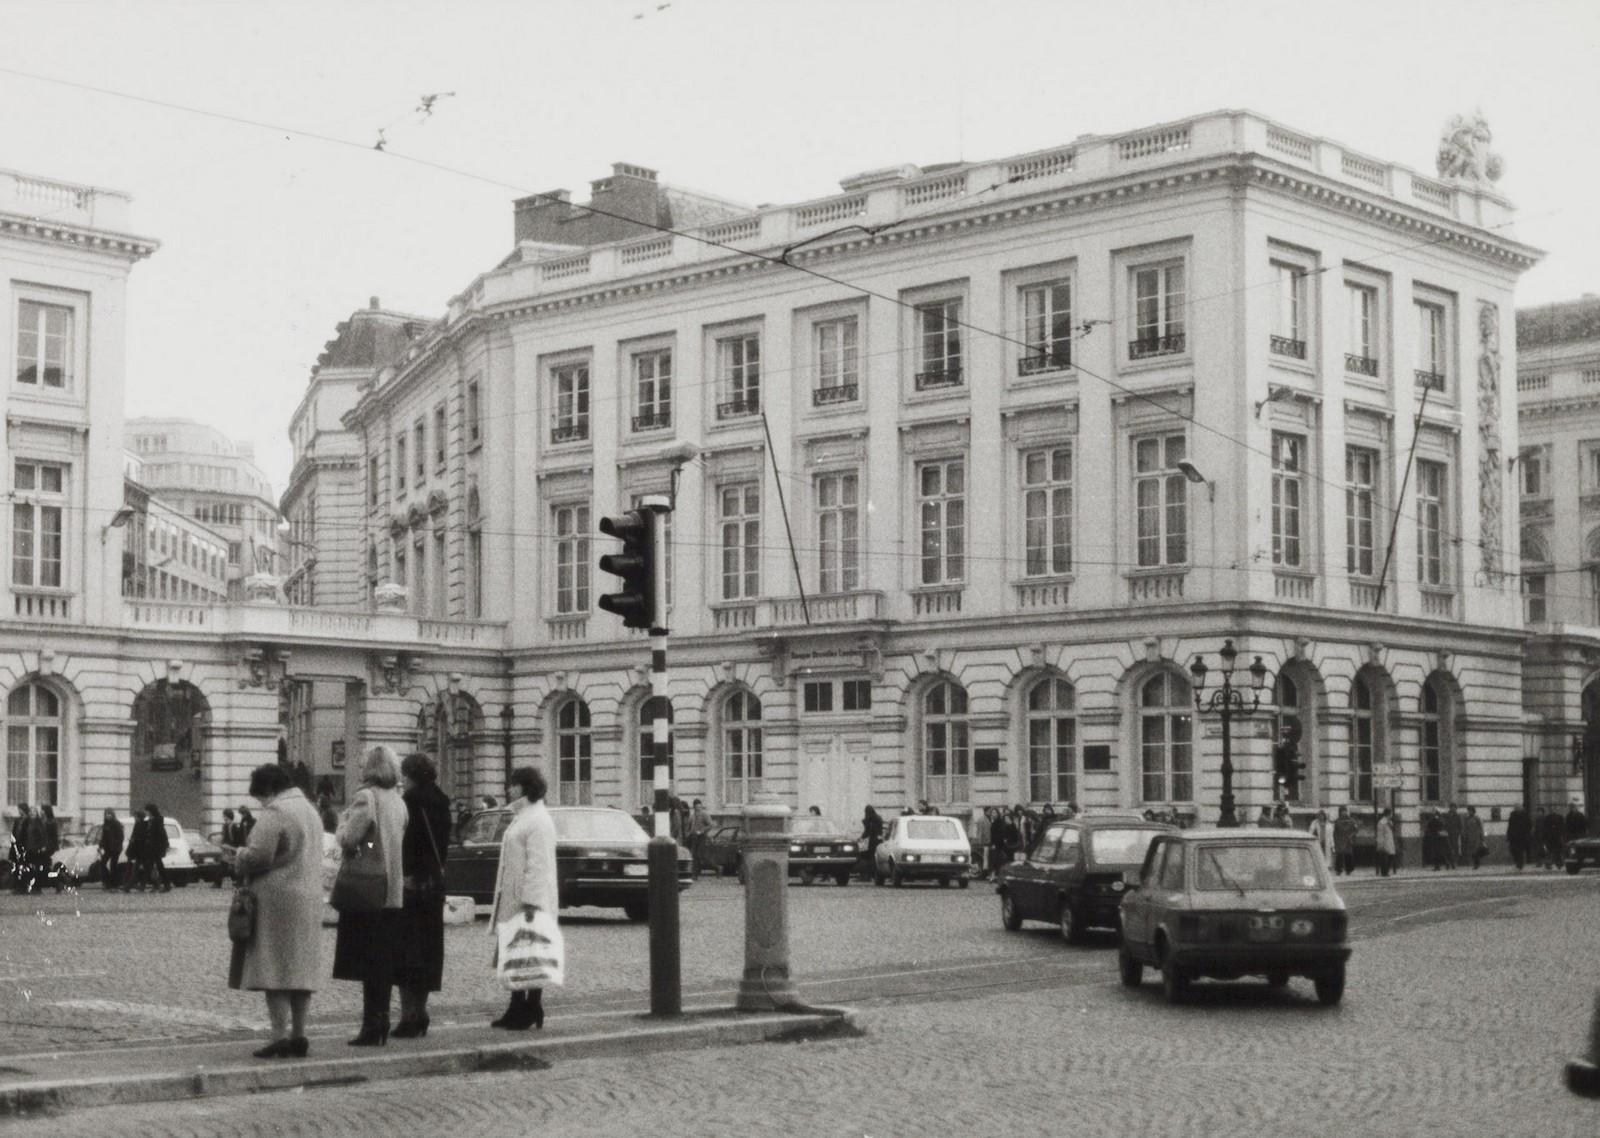 Place Royale 4, angle rue de la Régence 2 et rue de Namur 1. Portiques et façades des immeubles bordant la place Royale. Portique de la rue de Namur ; Anc. Palais du comte de Flandre, 1981